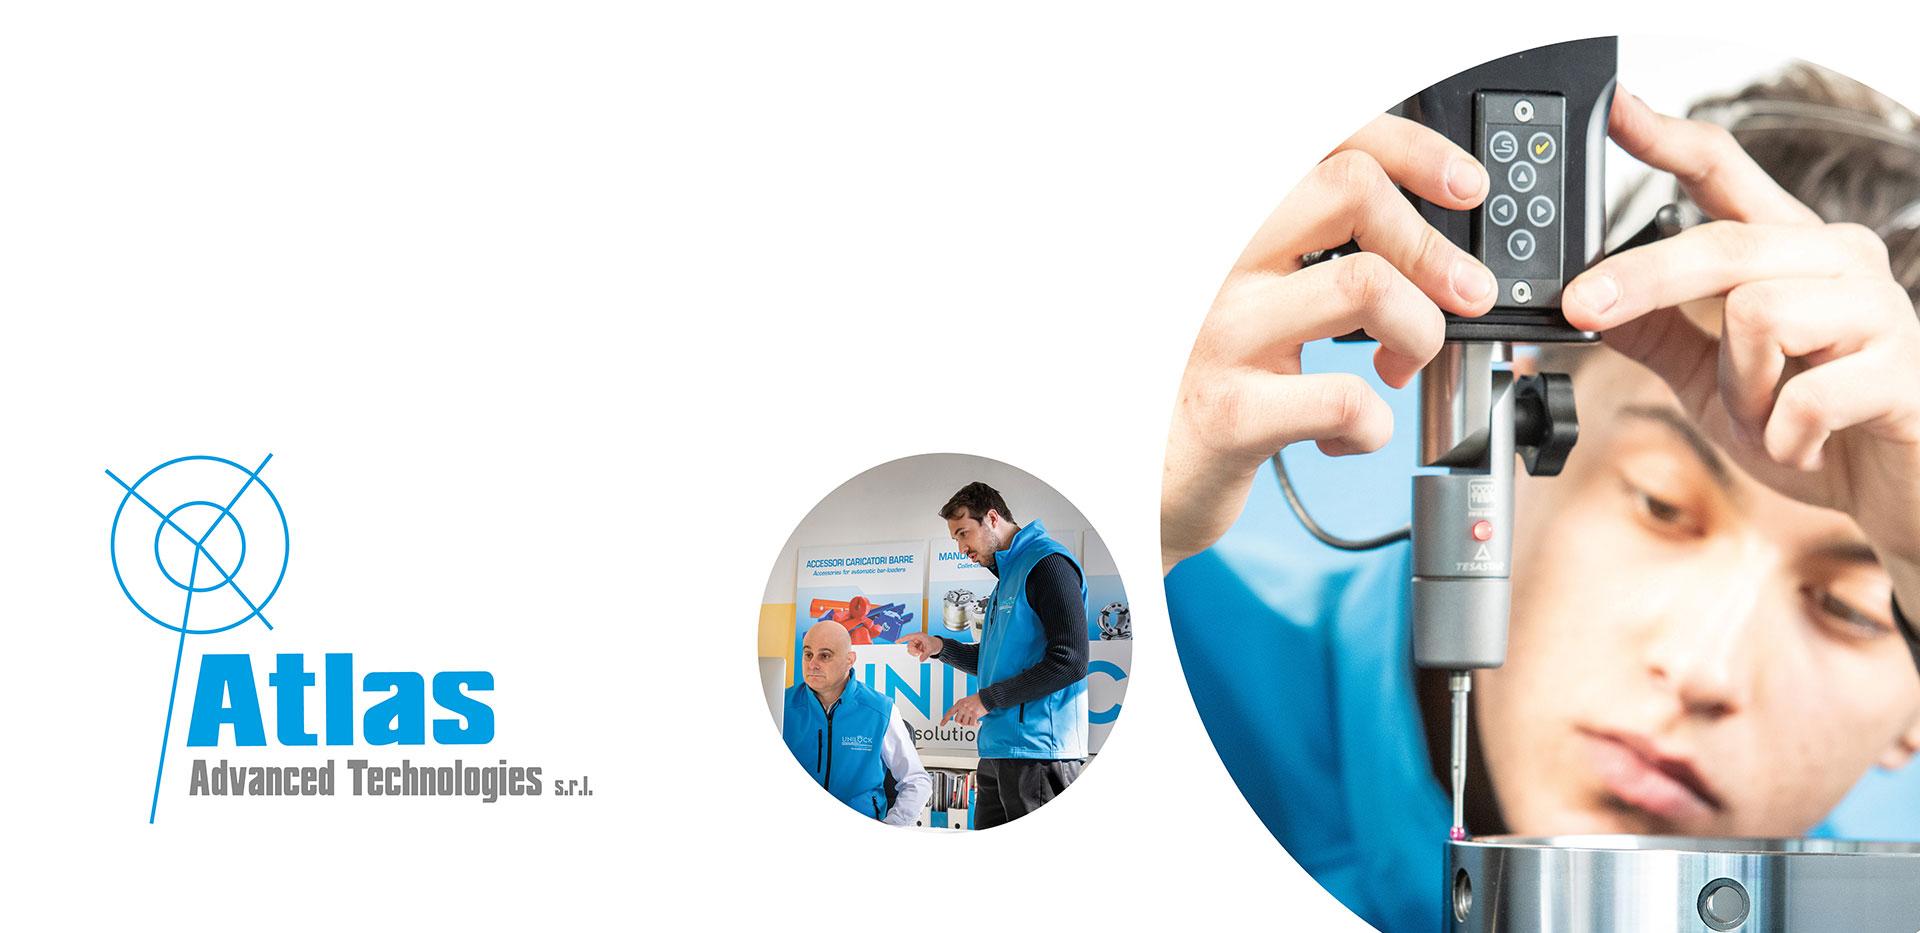 Unilock Atlas Advanced Techologies